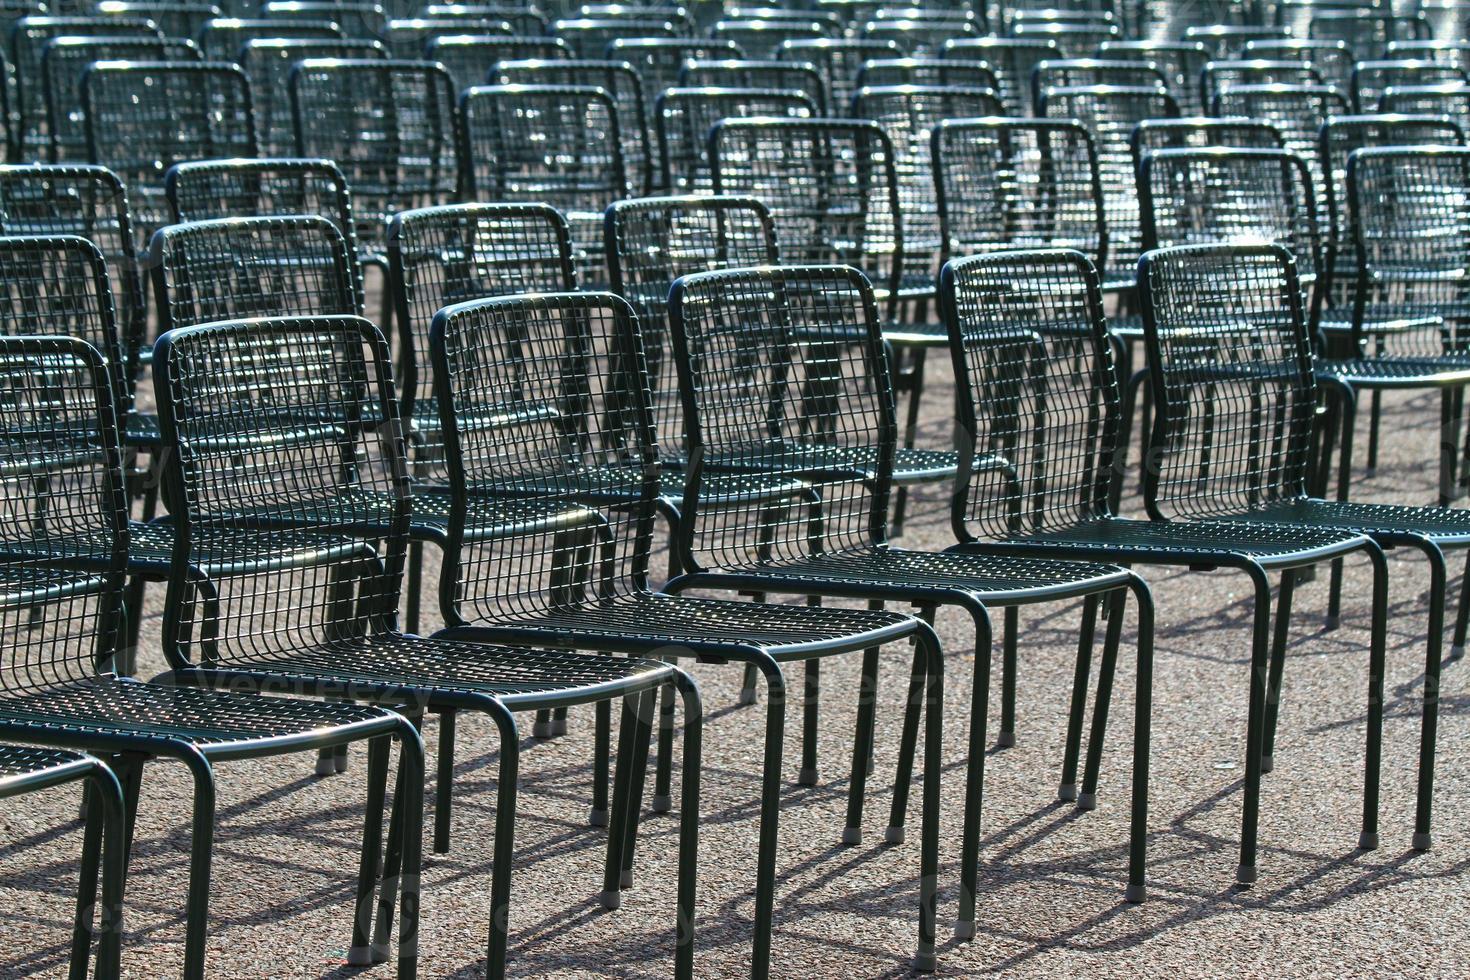 sillas vacías foto